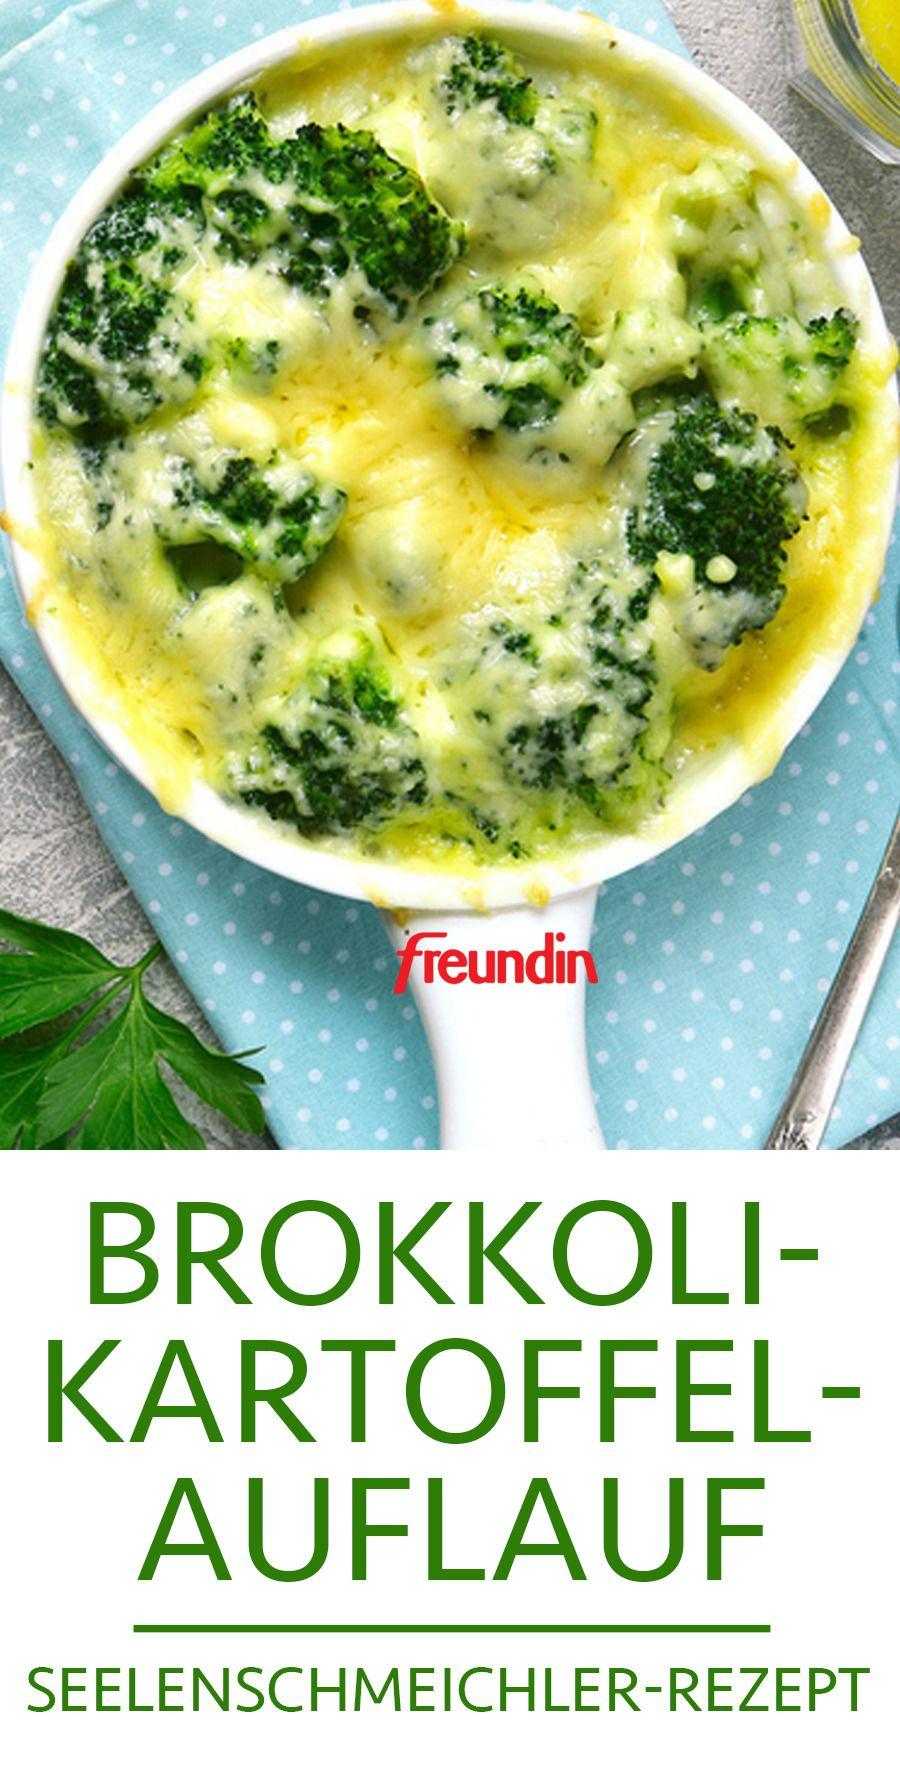 Herbstrezept: Deftiger Brokkoli-Kartoffel-Auflauf | freundin.de